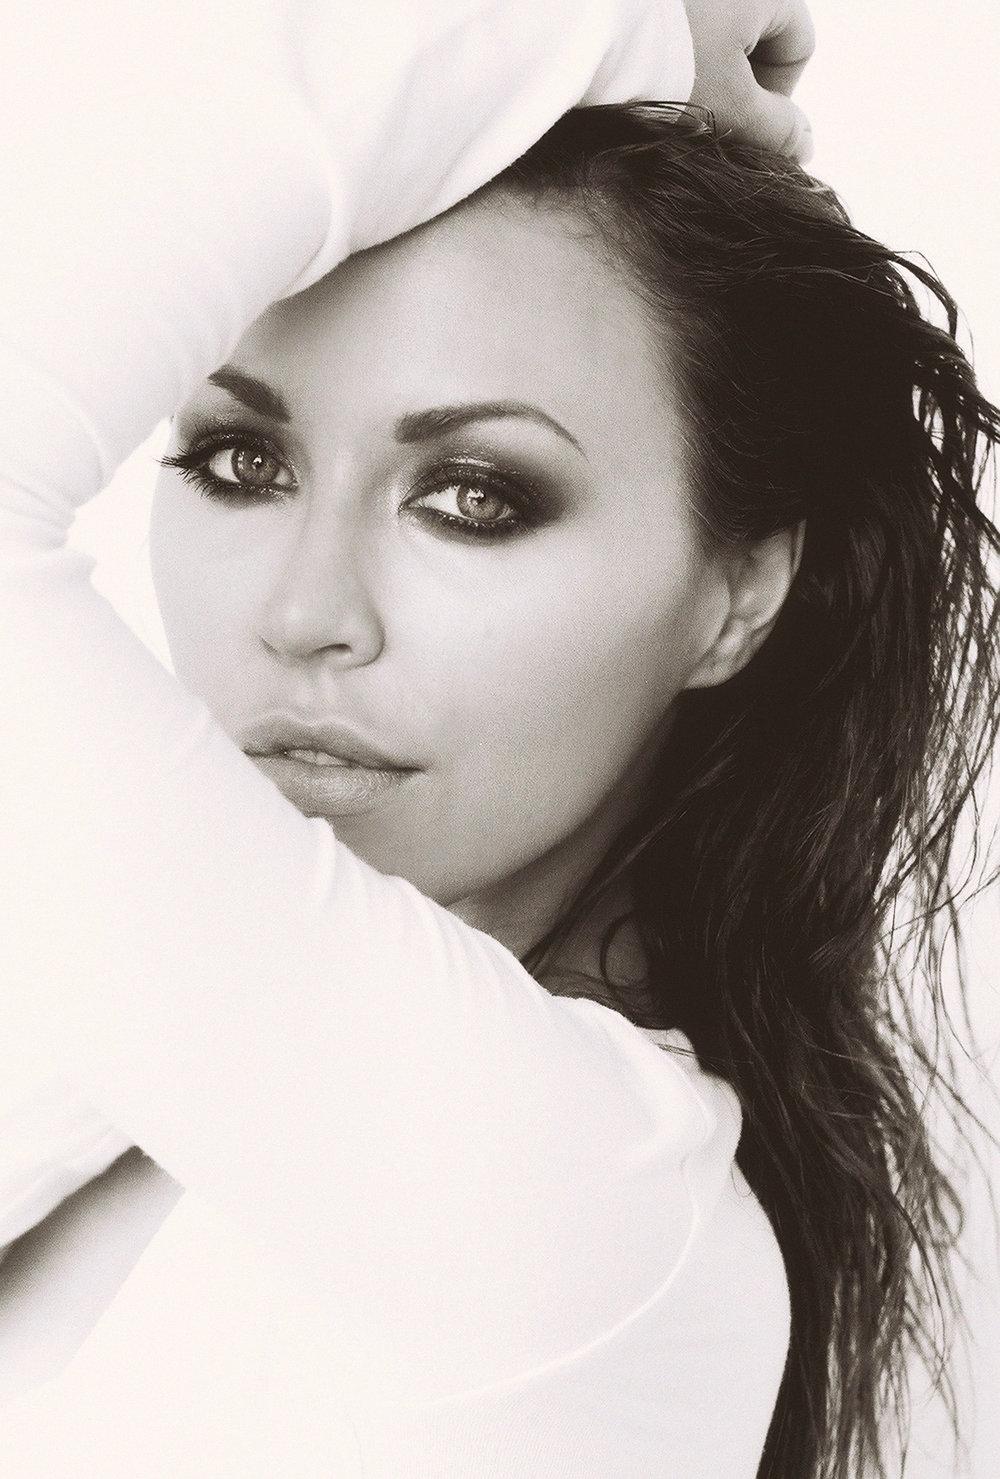 A. JaimeSlater Beauty Shot4.jpg